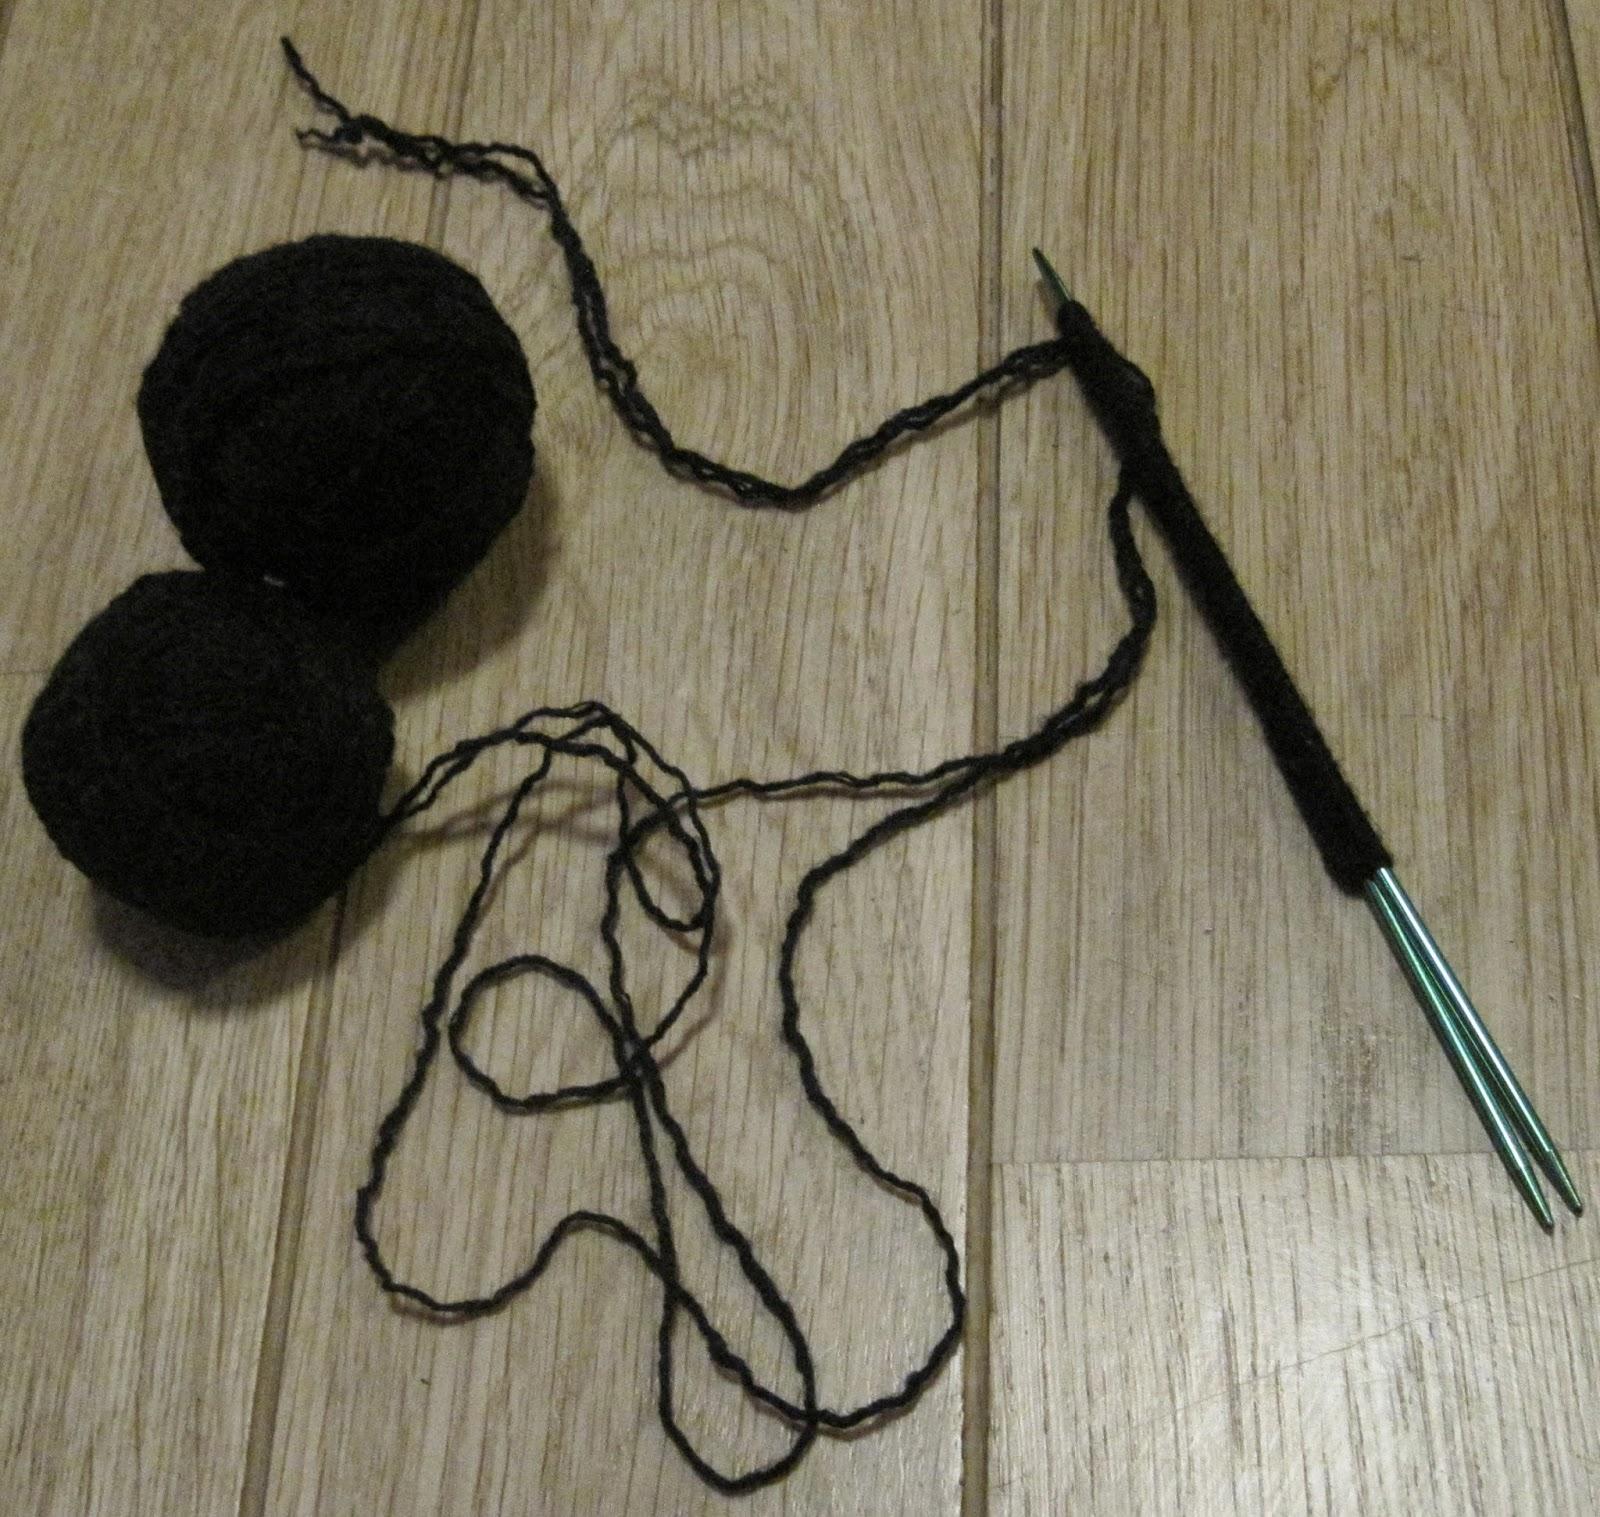 jak zrobić rękawiczki z klapką na drutach